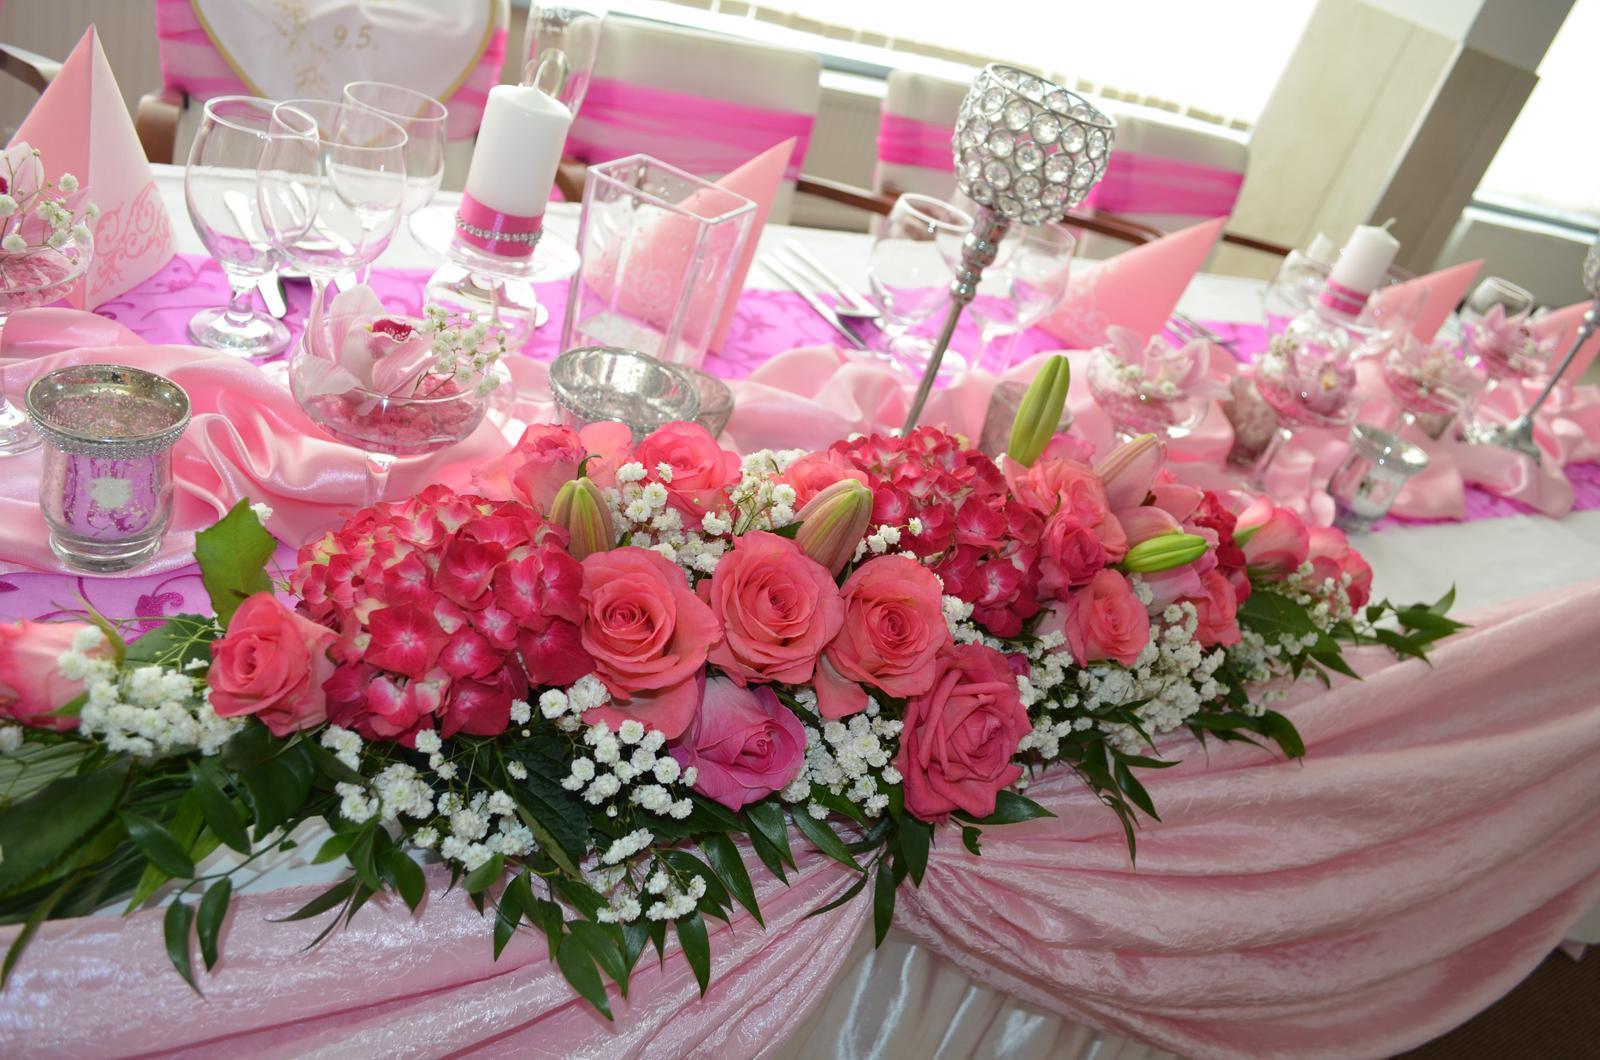 Svadbička ružová  Petra& Dávid ....Hotel LIMBA°°°° - Obrázok č. 19